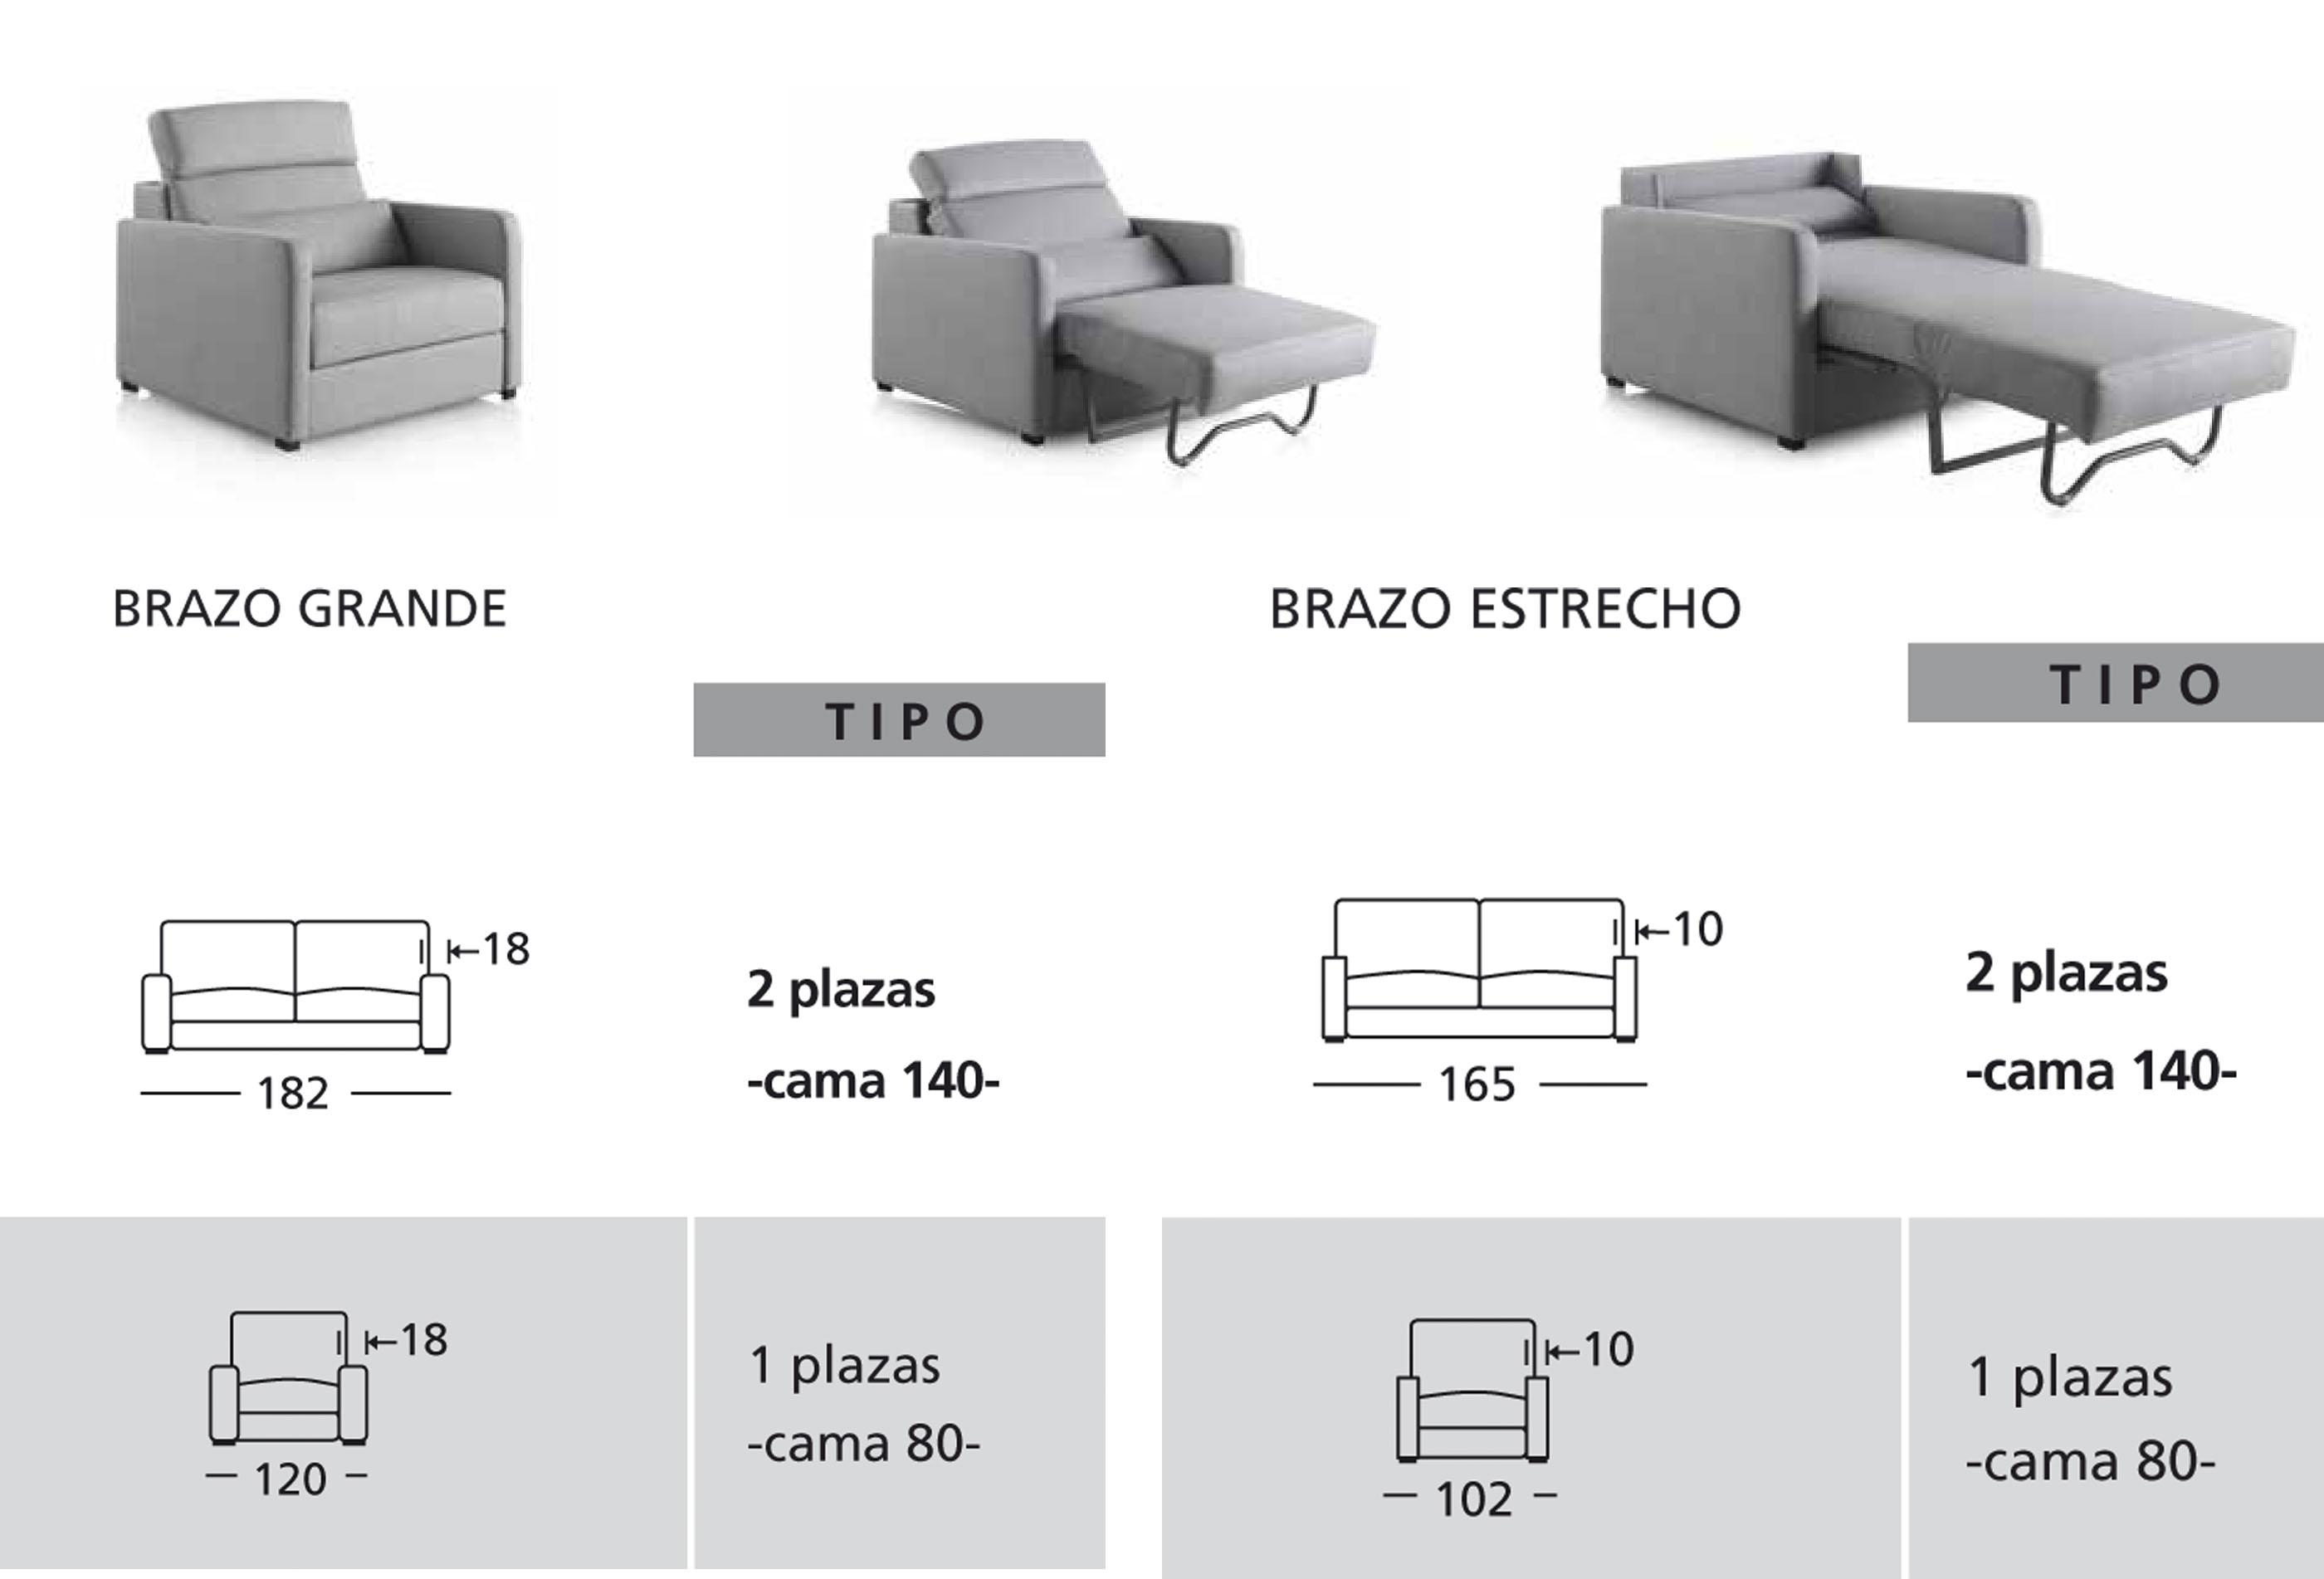 sofá-cama-diverso-técnico